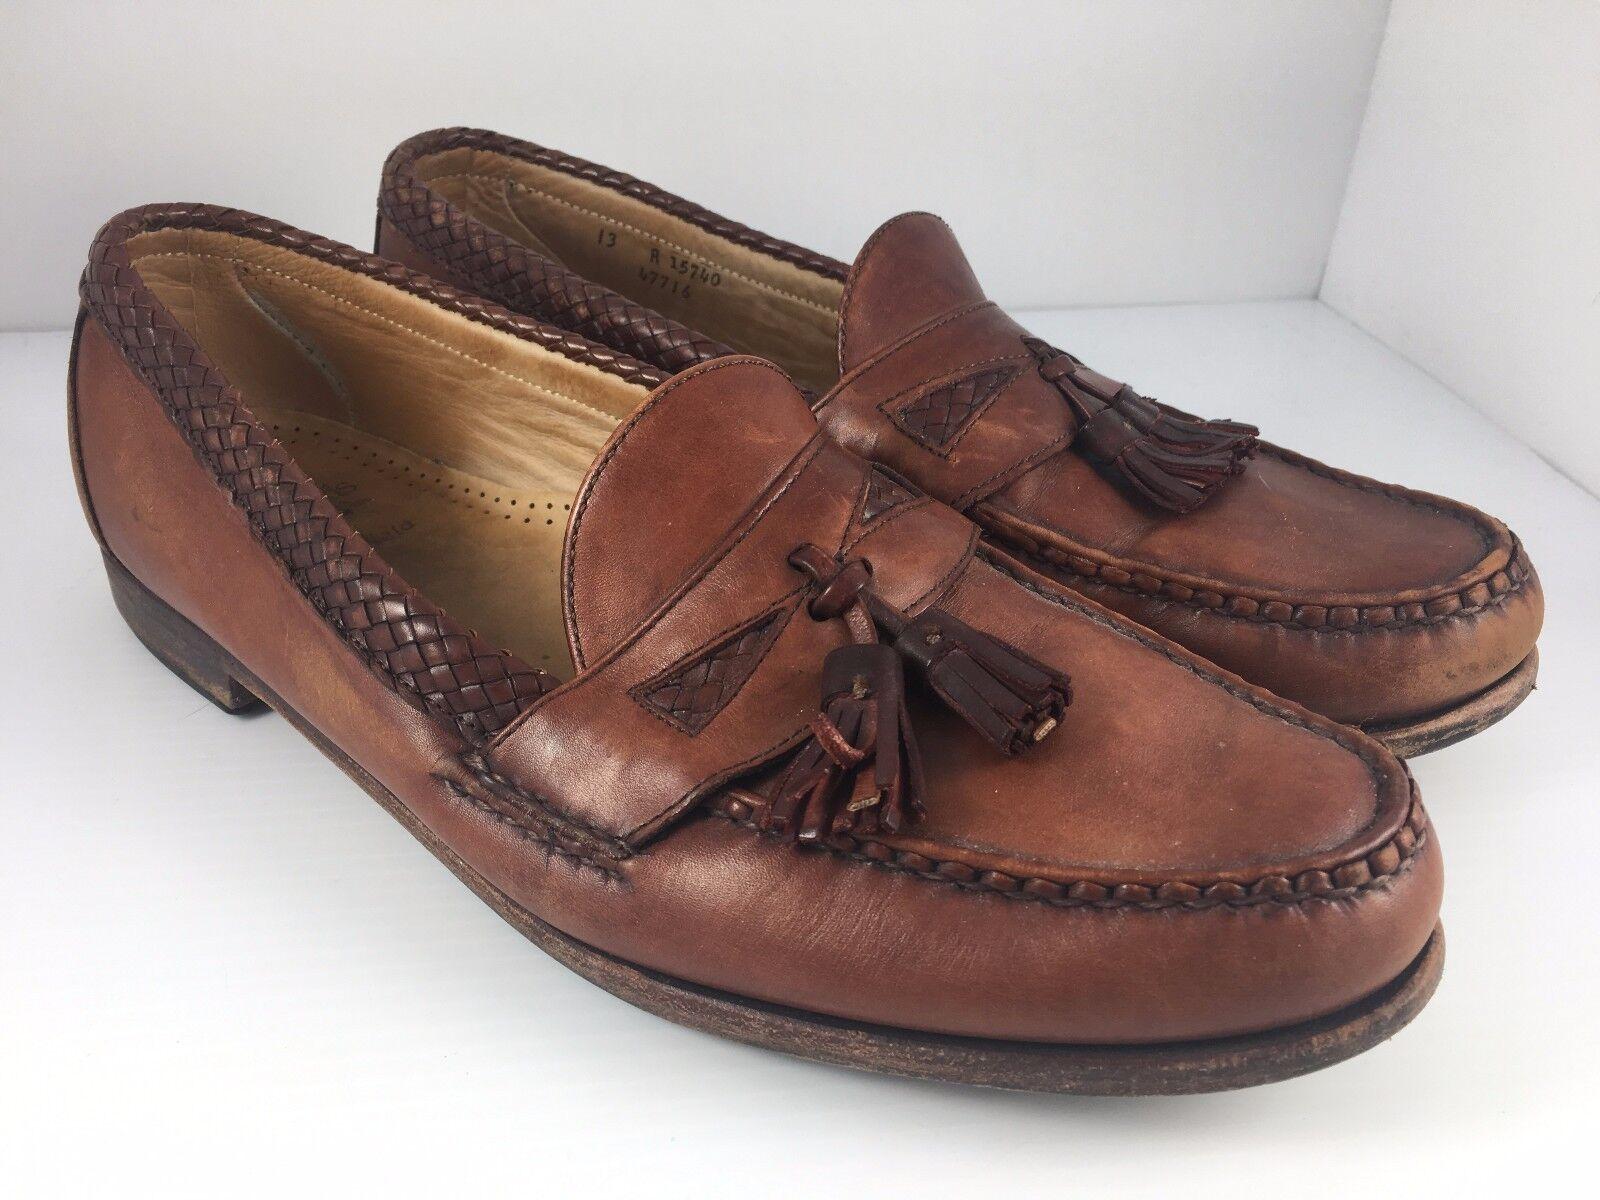 Allen Edmonds 'Maxfield' Men US 13 Brown Leather Tassel Dress Loafers